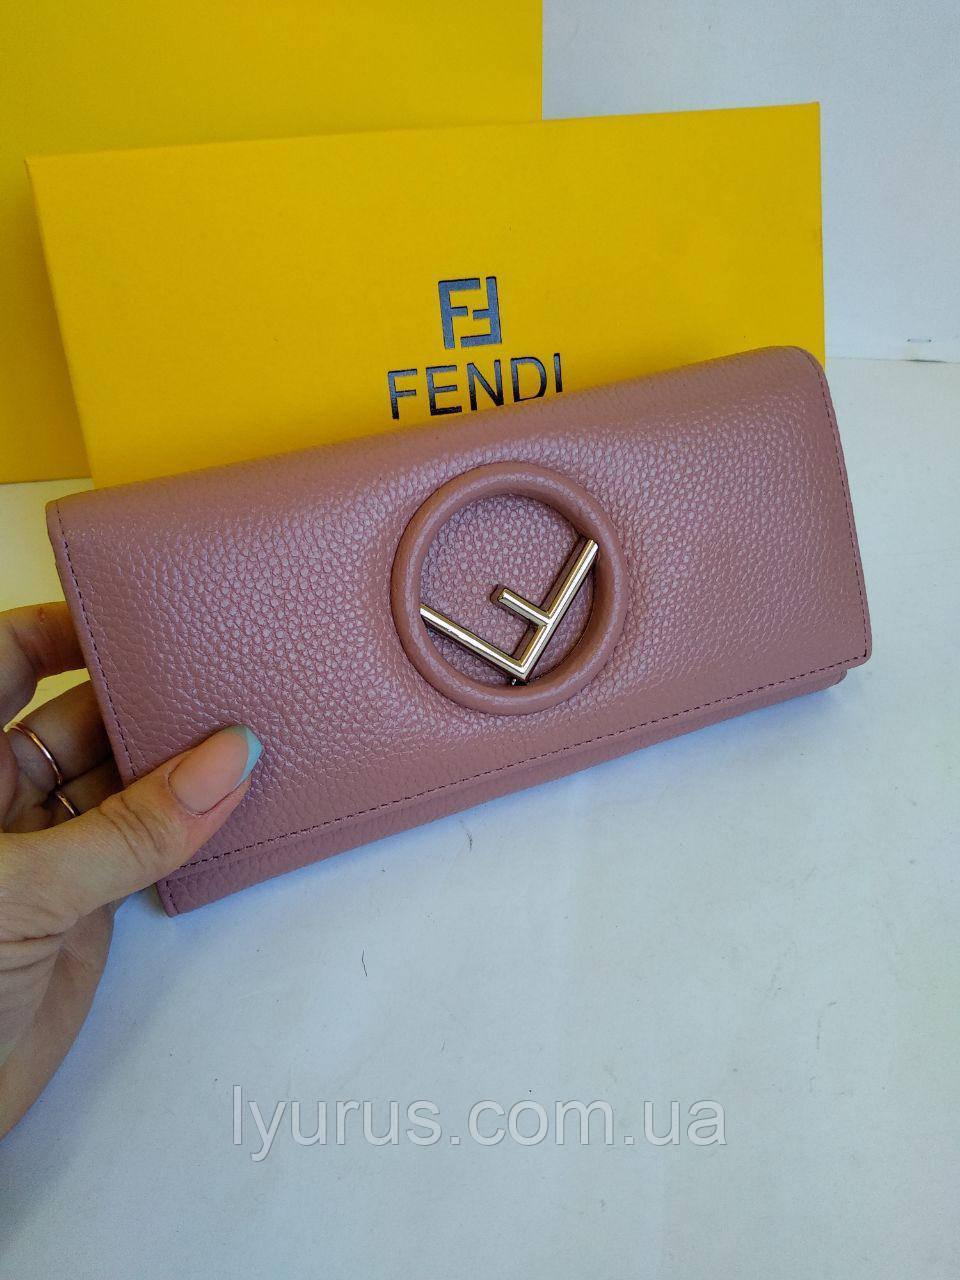 Женский кожаный кошелёк Fendi